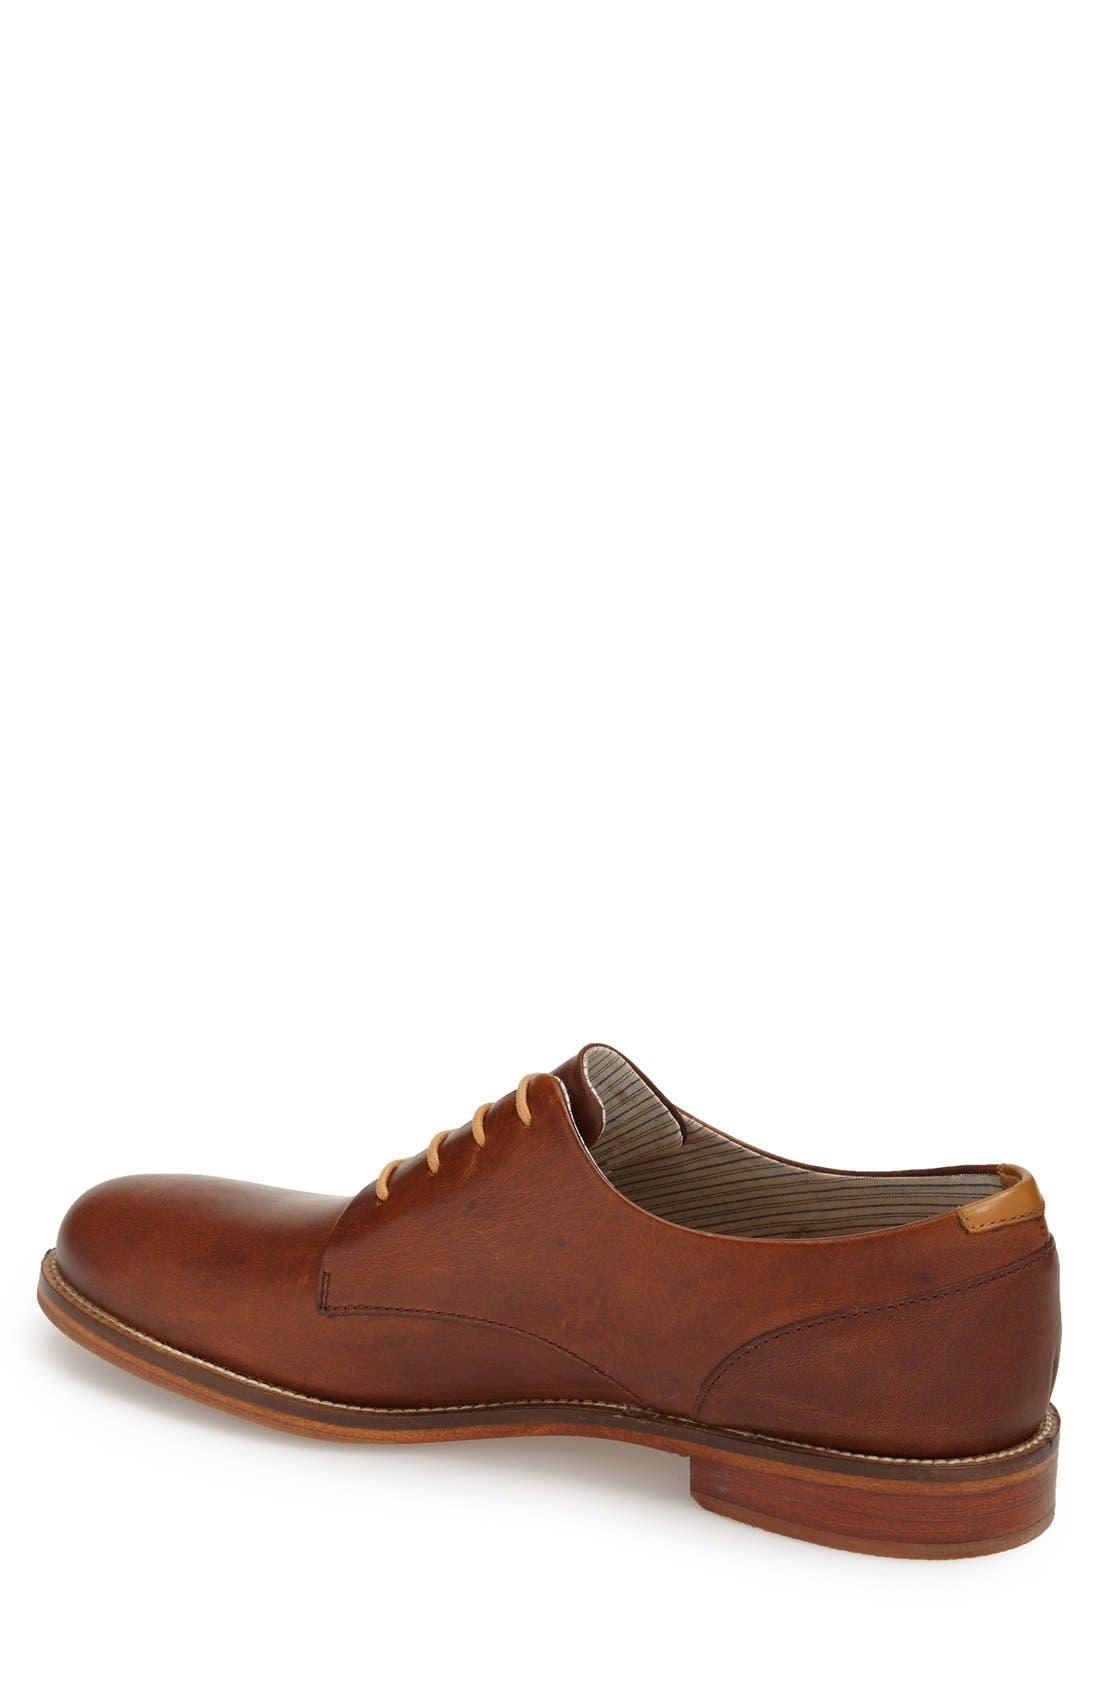 Alternate Image 2  - J SHOES 'William Plus' Plain Toe Derby (Men)